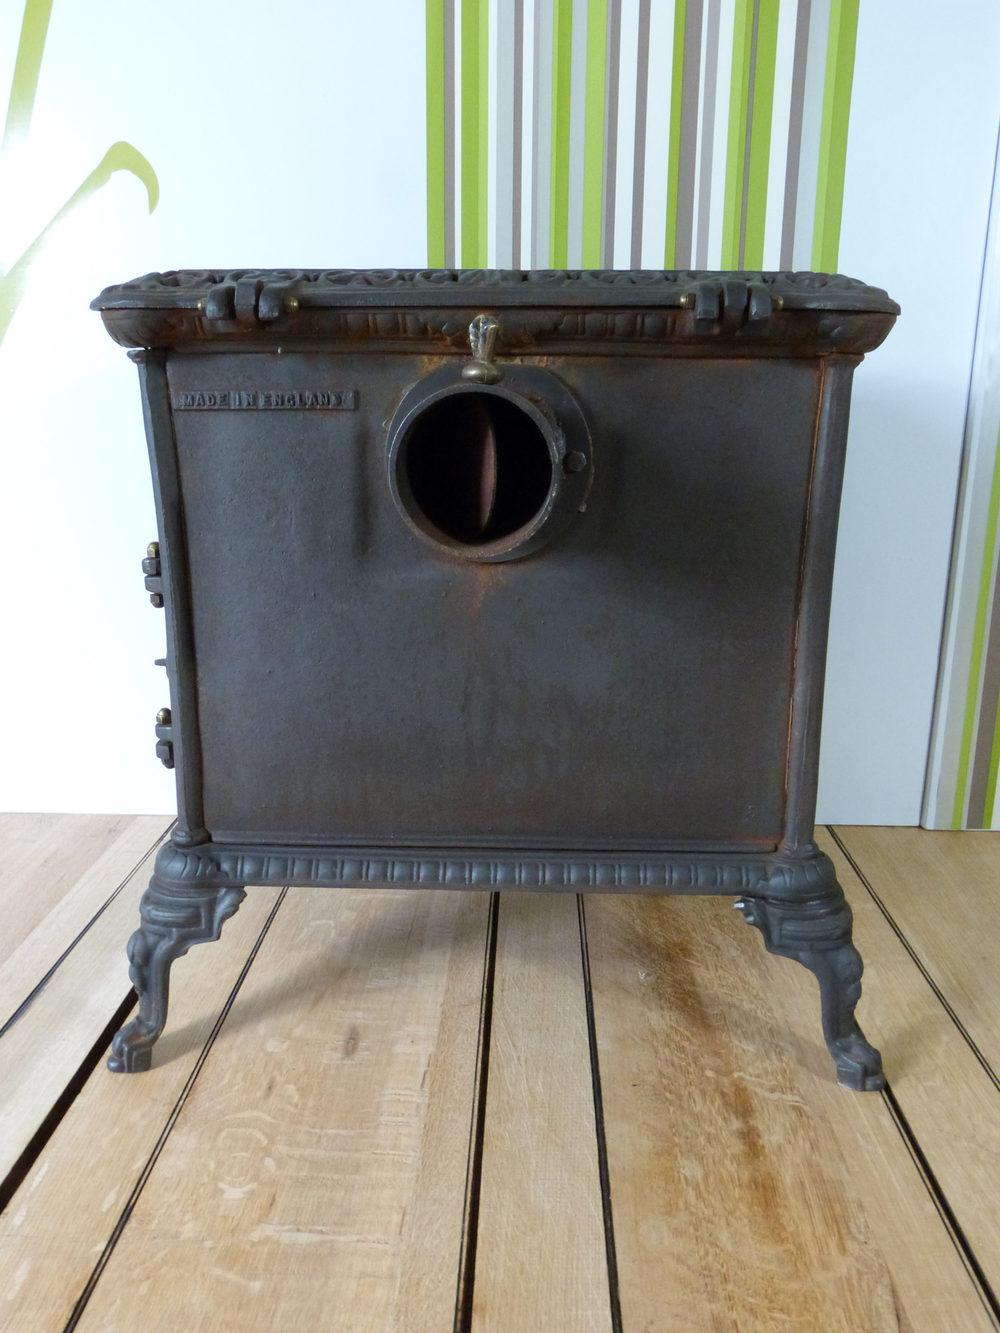 poele a bois sortie ventouse reglementation id e int ressante pour la conception de meubles en. Black Bedroom Furniture Sets. Home Design Ideas